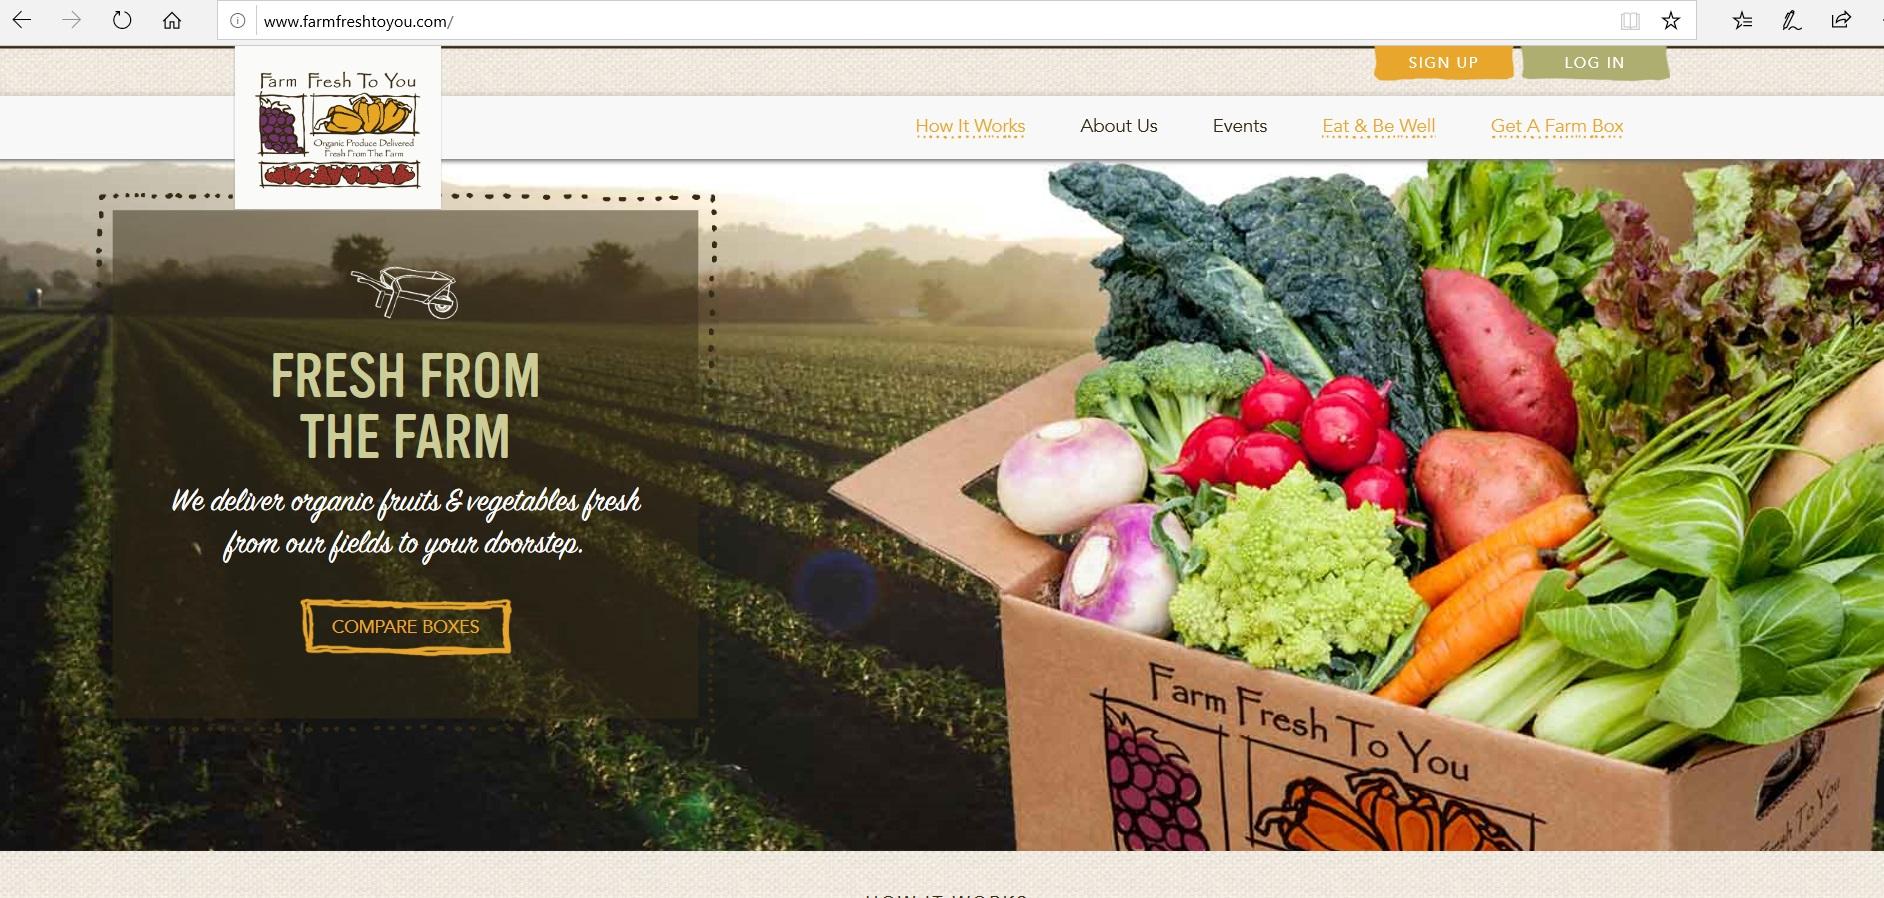 Farm Fresh To You homepage.